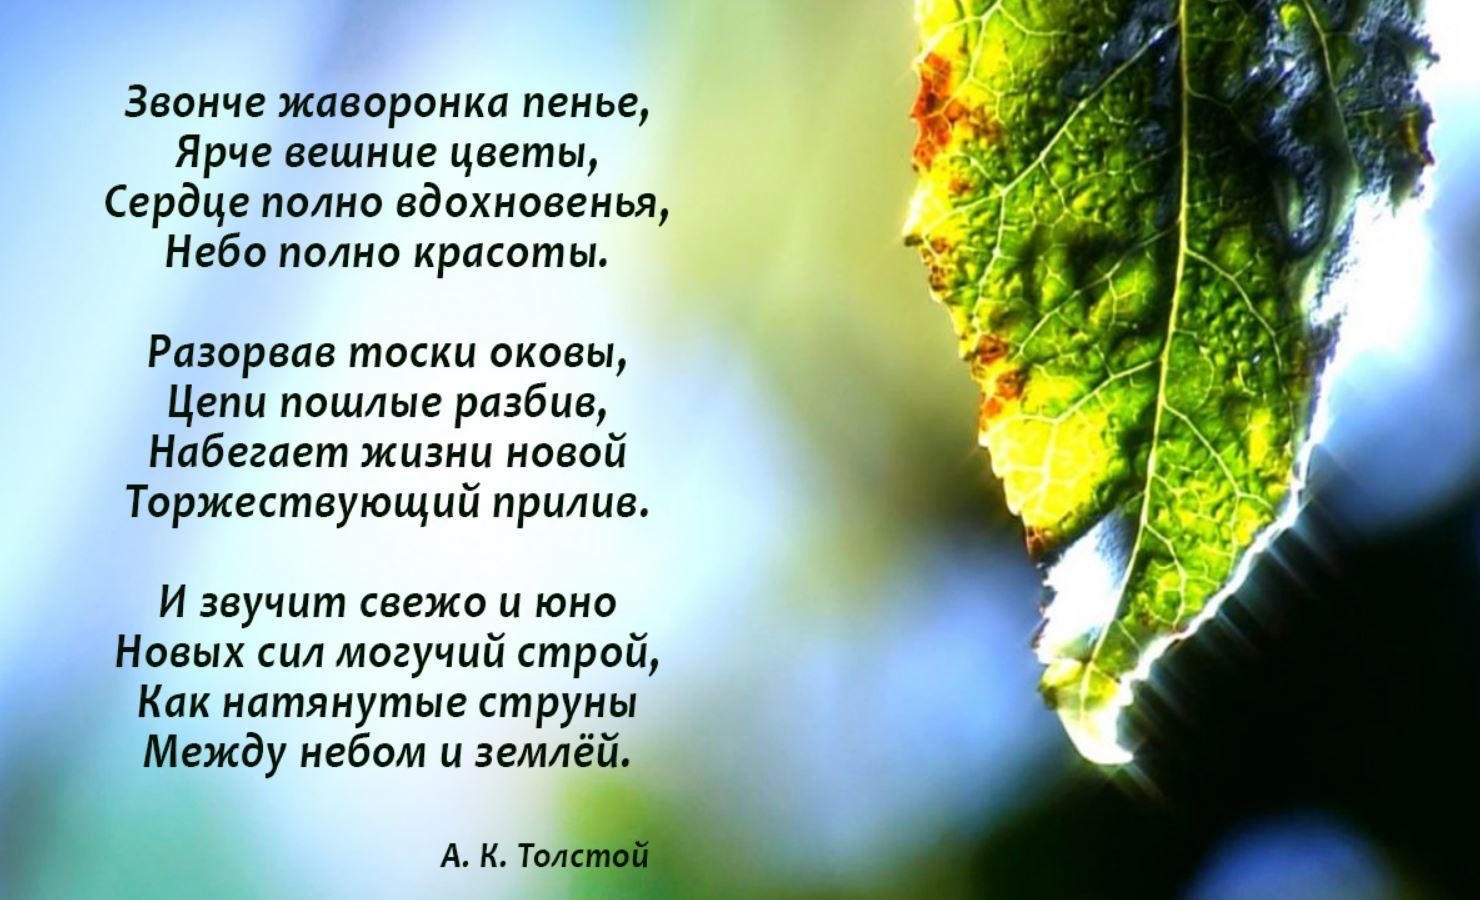 стихи о весне (3)